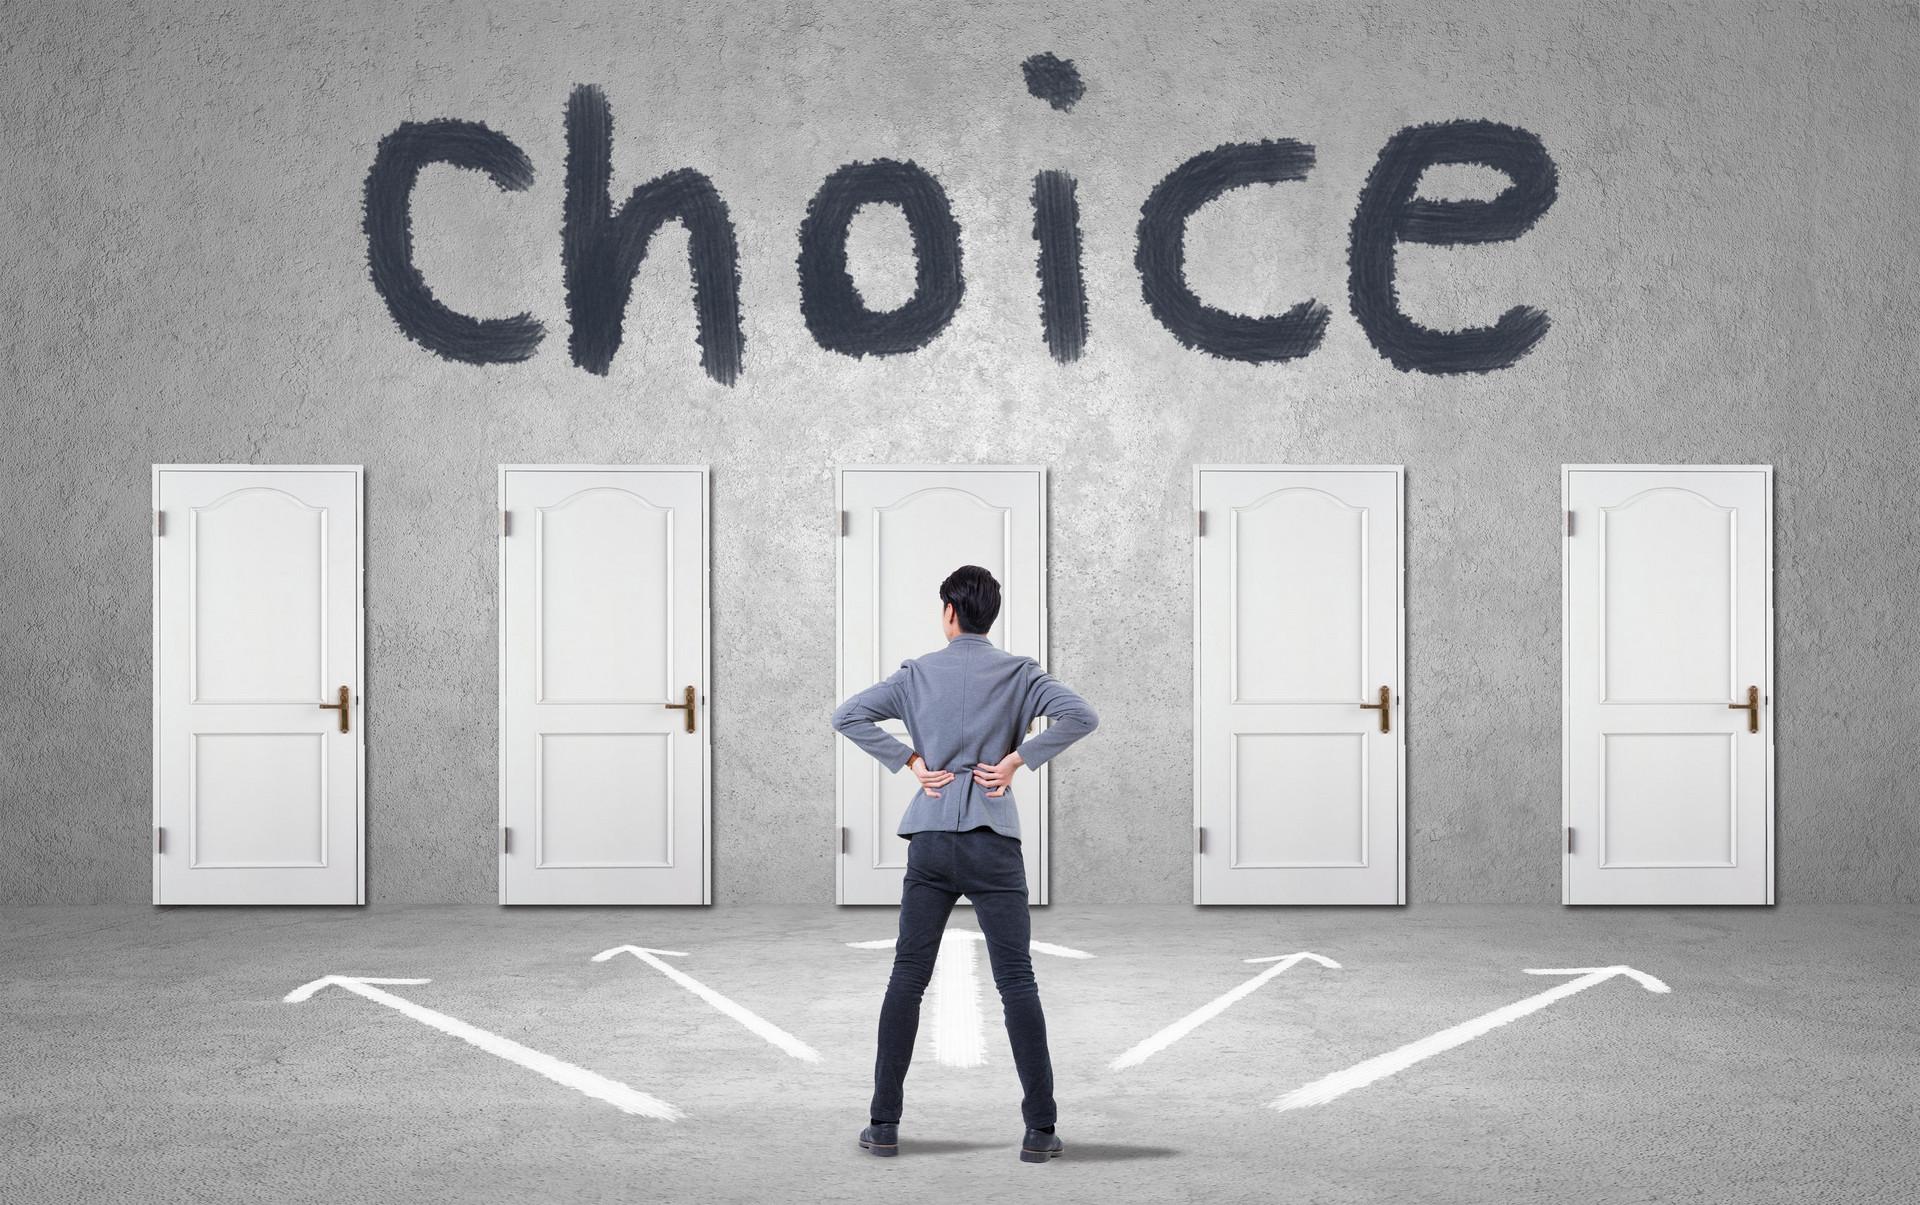 如何更有策略的选择工作,让自己少奋斗10年?